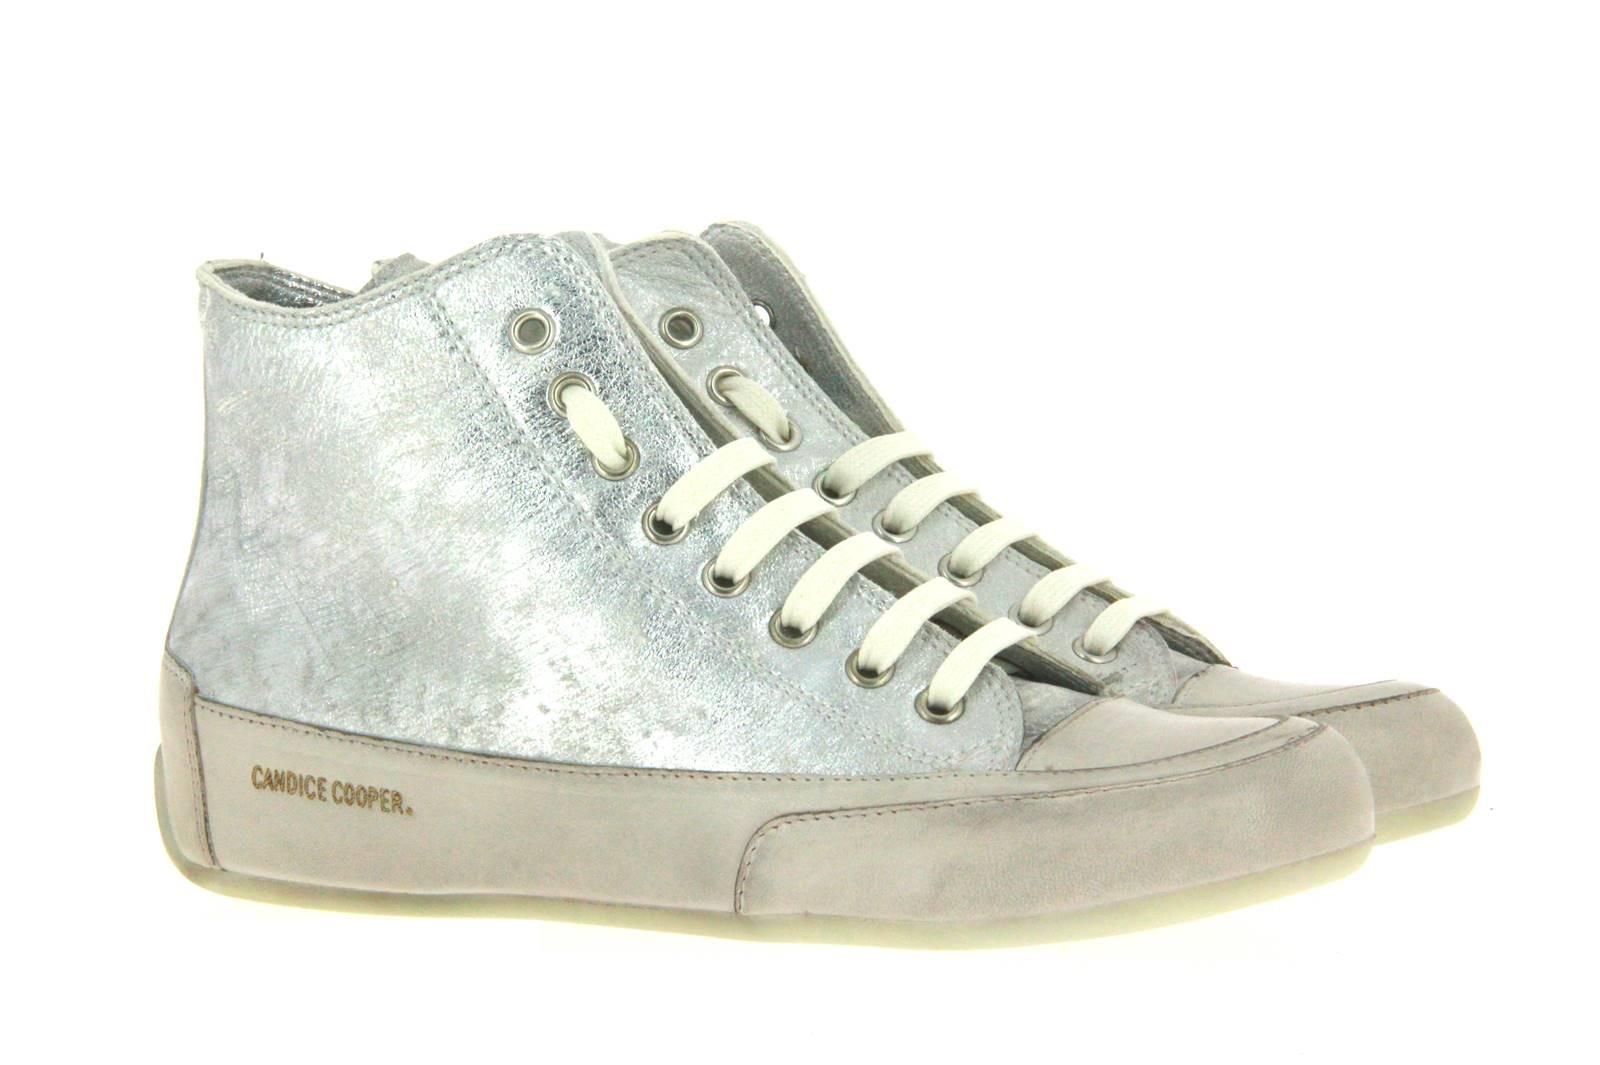 Candice Cooper sneaker PLUS ZIP BIANCO